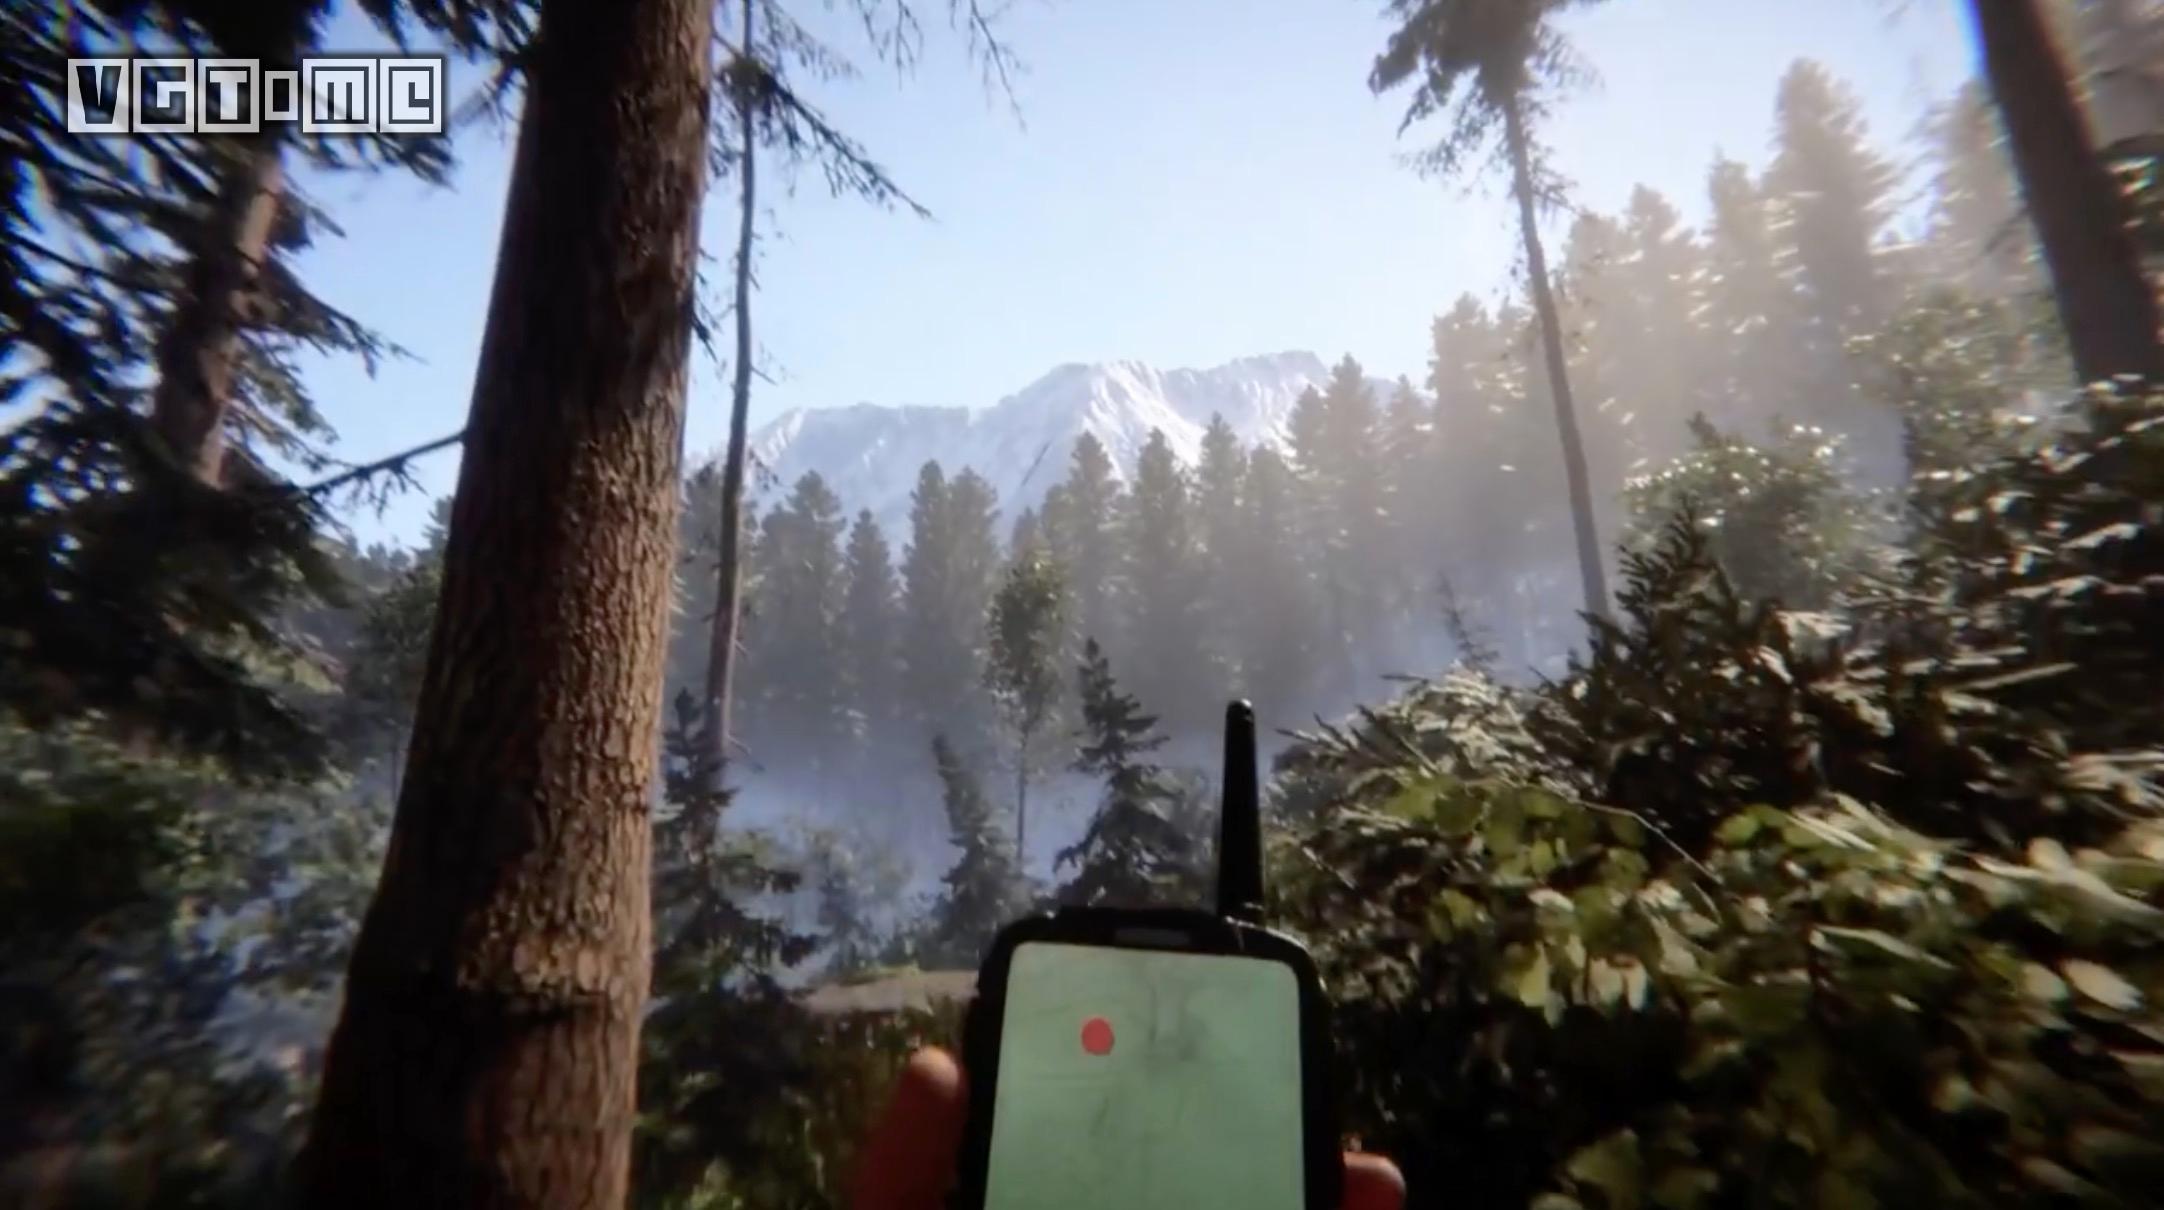 恐怖生存游戏《森林》续作《森林之子》2021年发售